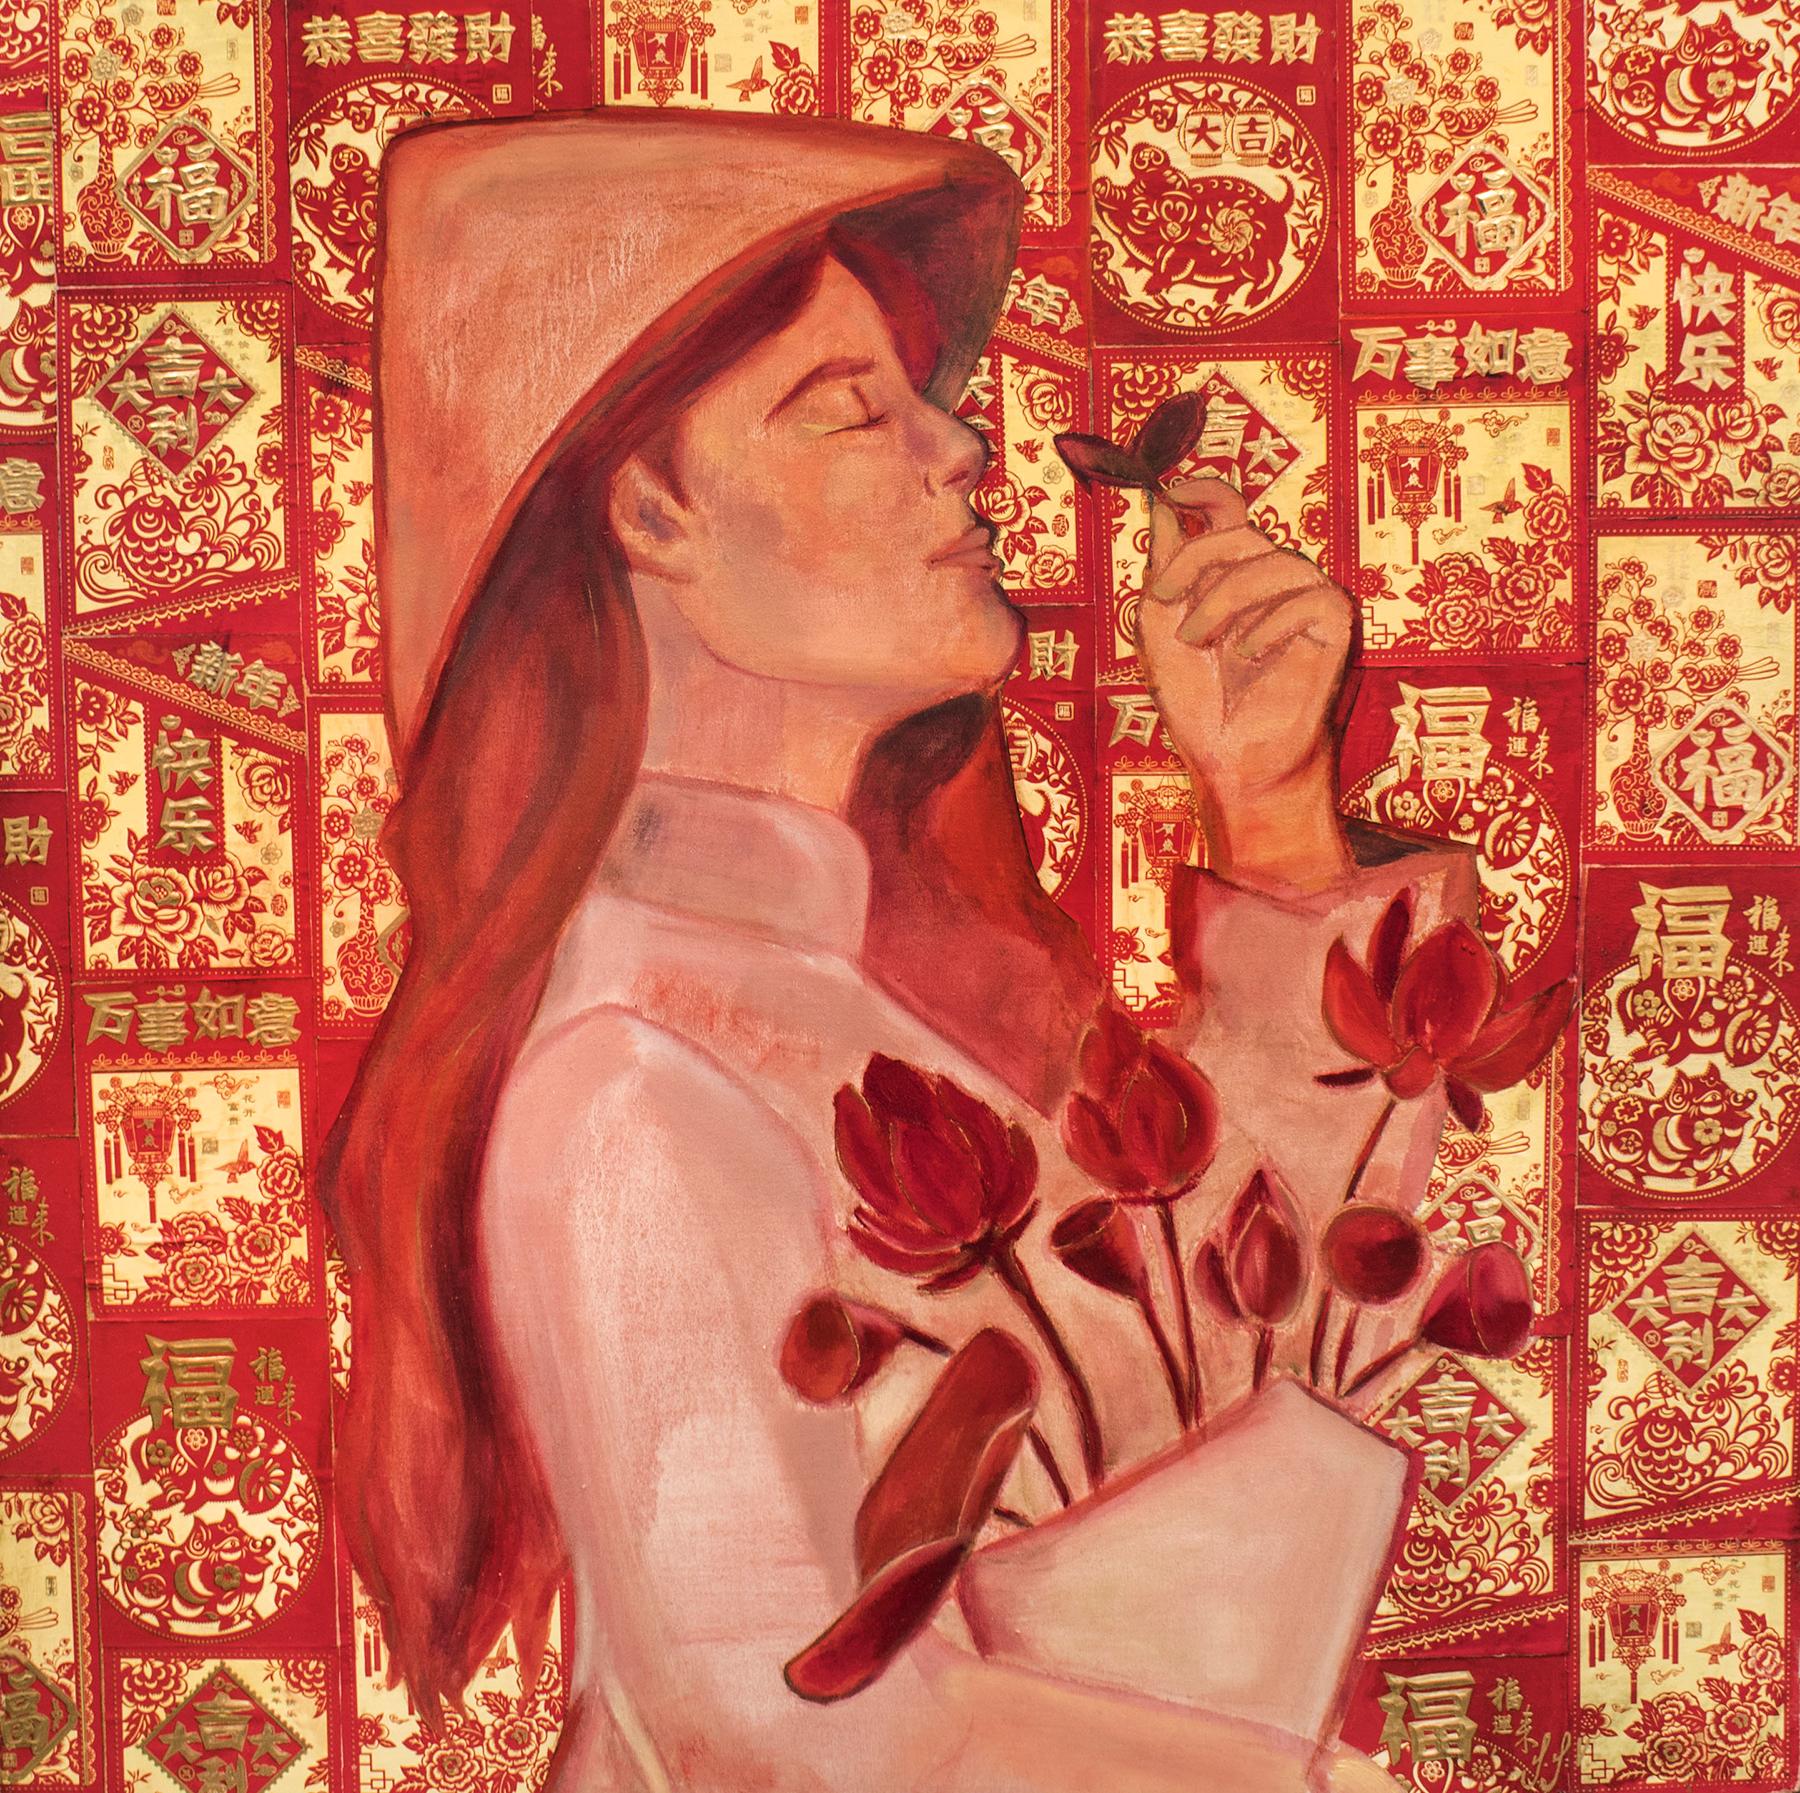 Li Xi - Tammy Vu, 2020, oil and paper on panel